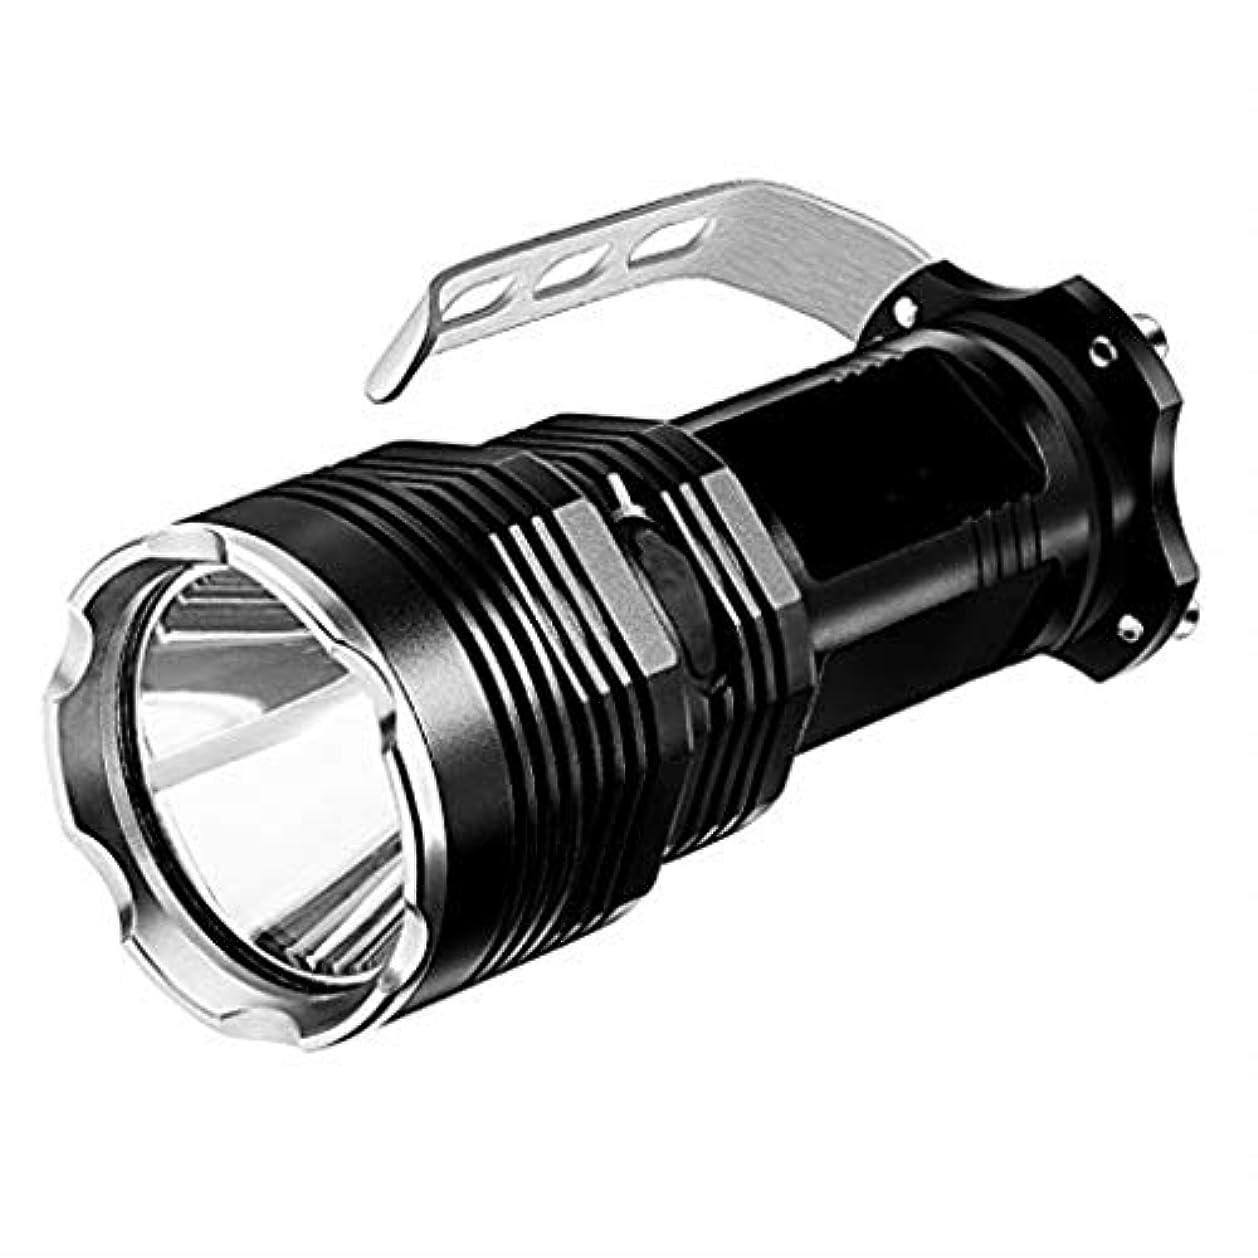 懐中電灯LED屋外釣りキャンプスポーツアルミ防水電気トーチ